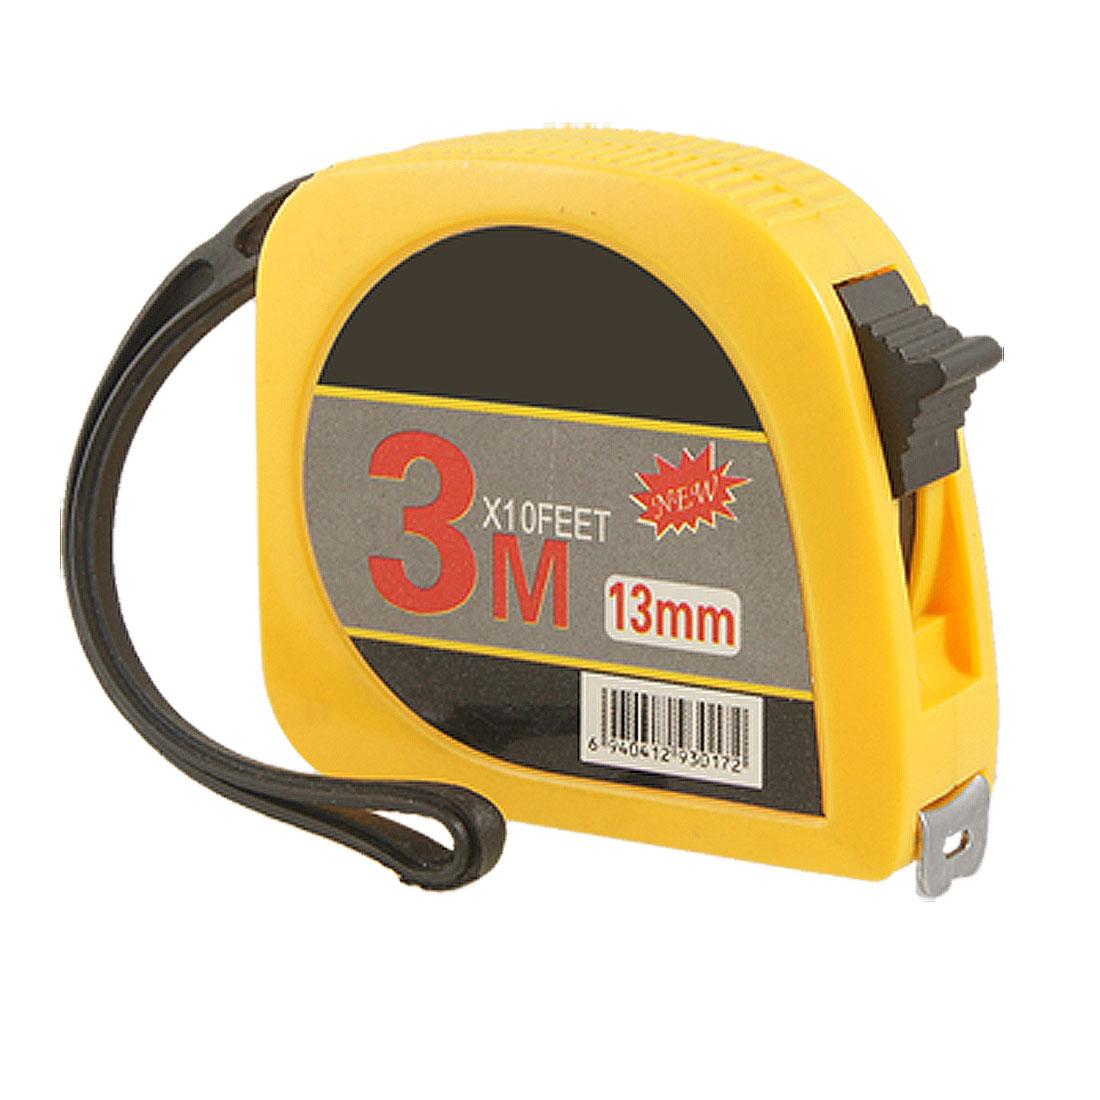 Retractable 3 Meters 10FT Long Scale Steel Measuring Tape Orange